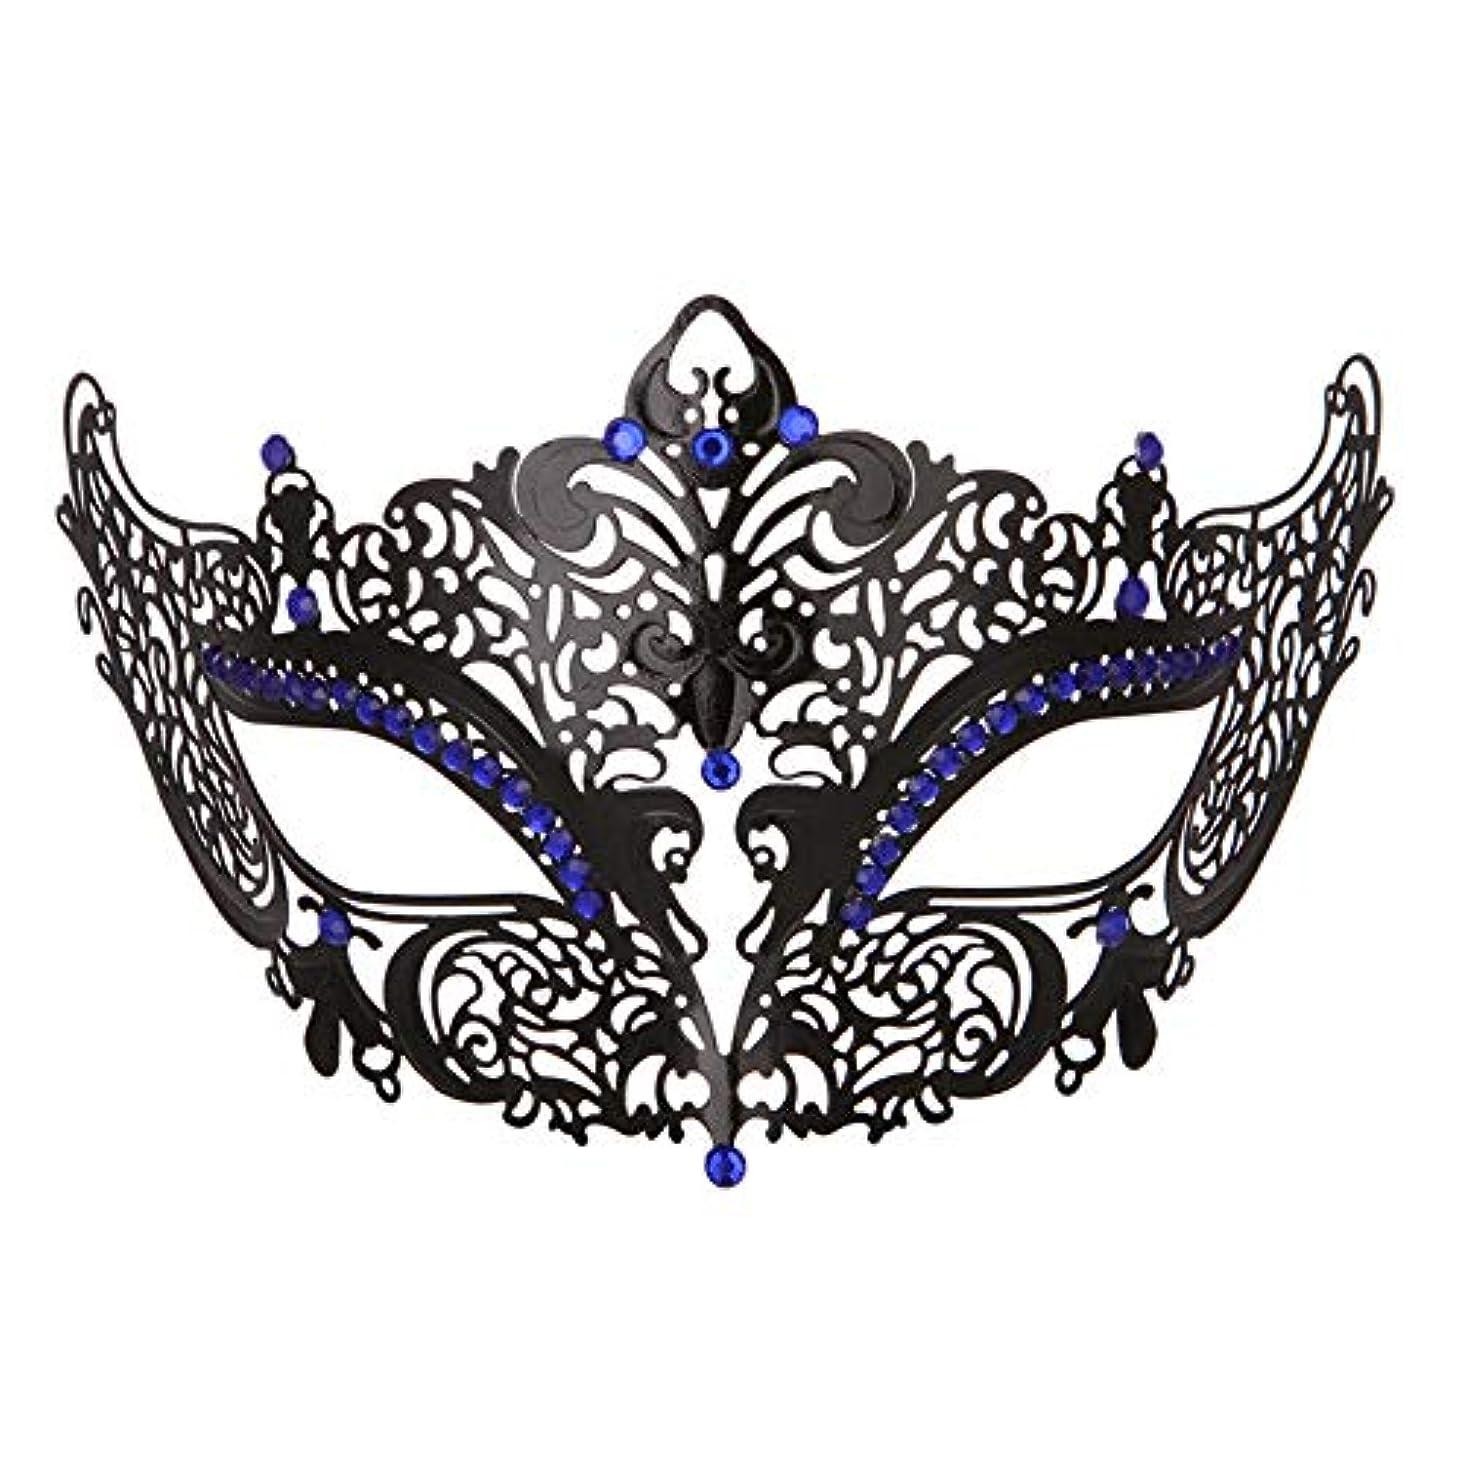 環境に優しい構成審判ダンスマスク 高級金属鉄マスク女性美少女中空ハーフフェイスファッションナイトクラブパーティー仮面舞踏会マスク ホリデーパーティー用品 (色 : 青, サイズ : 19x8cm)